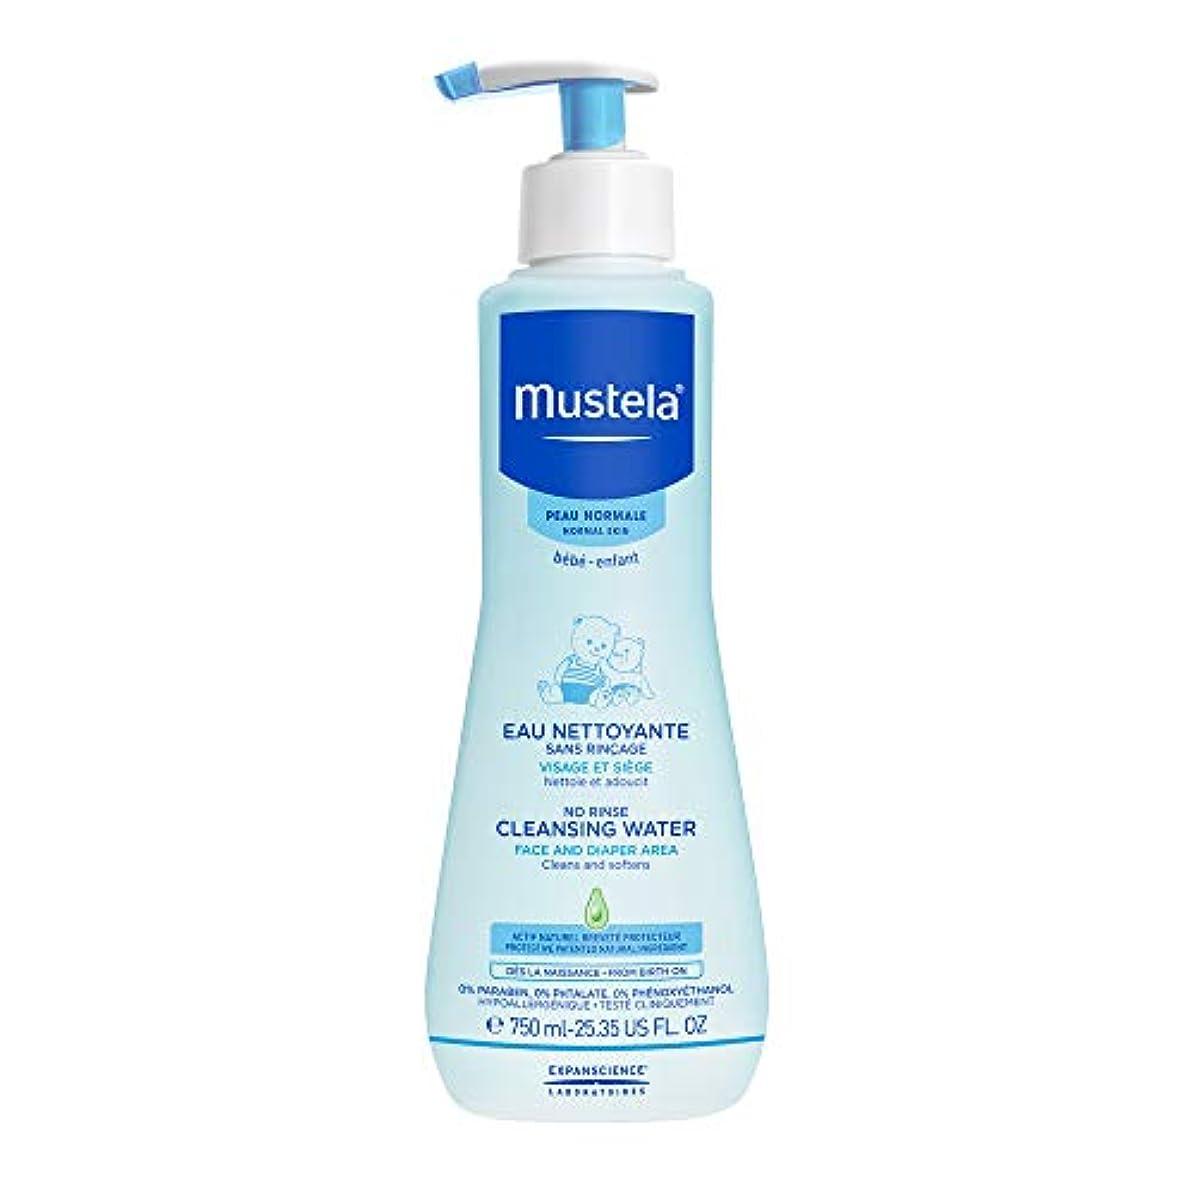 耳沼地レオナルドダムステラ No Rinse Cleansing Water (Face & Diaper Area) - For Normal Skin 750ml/25.35oz並行輸入品